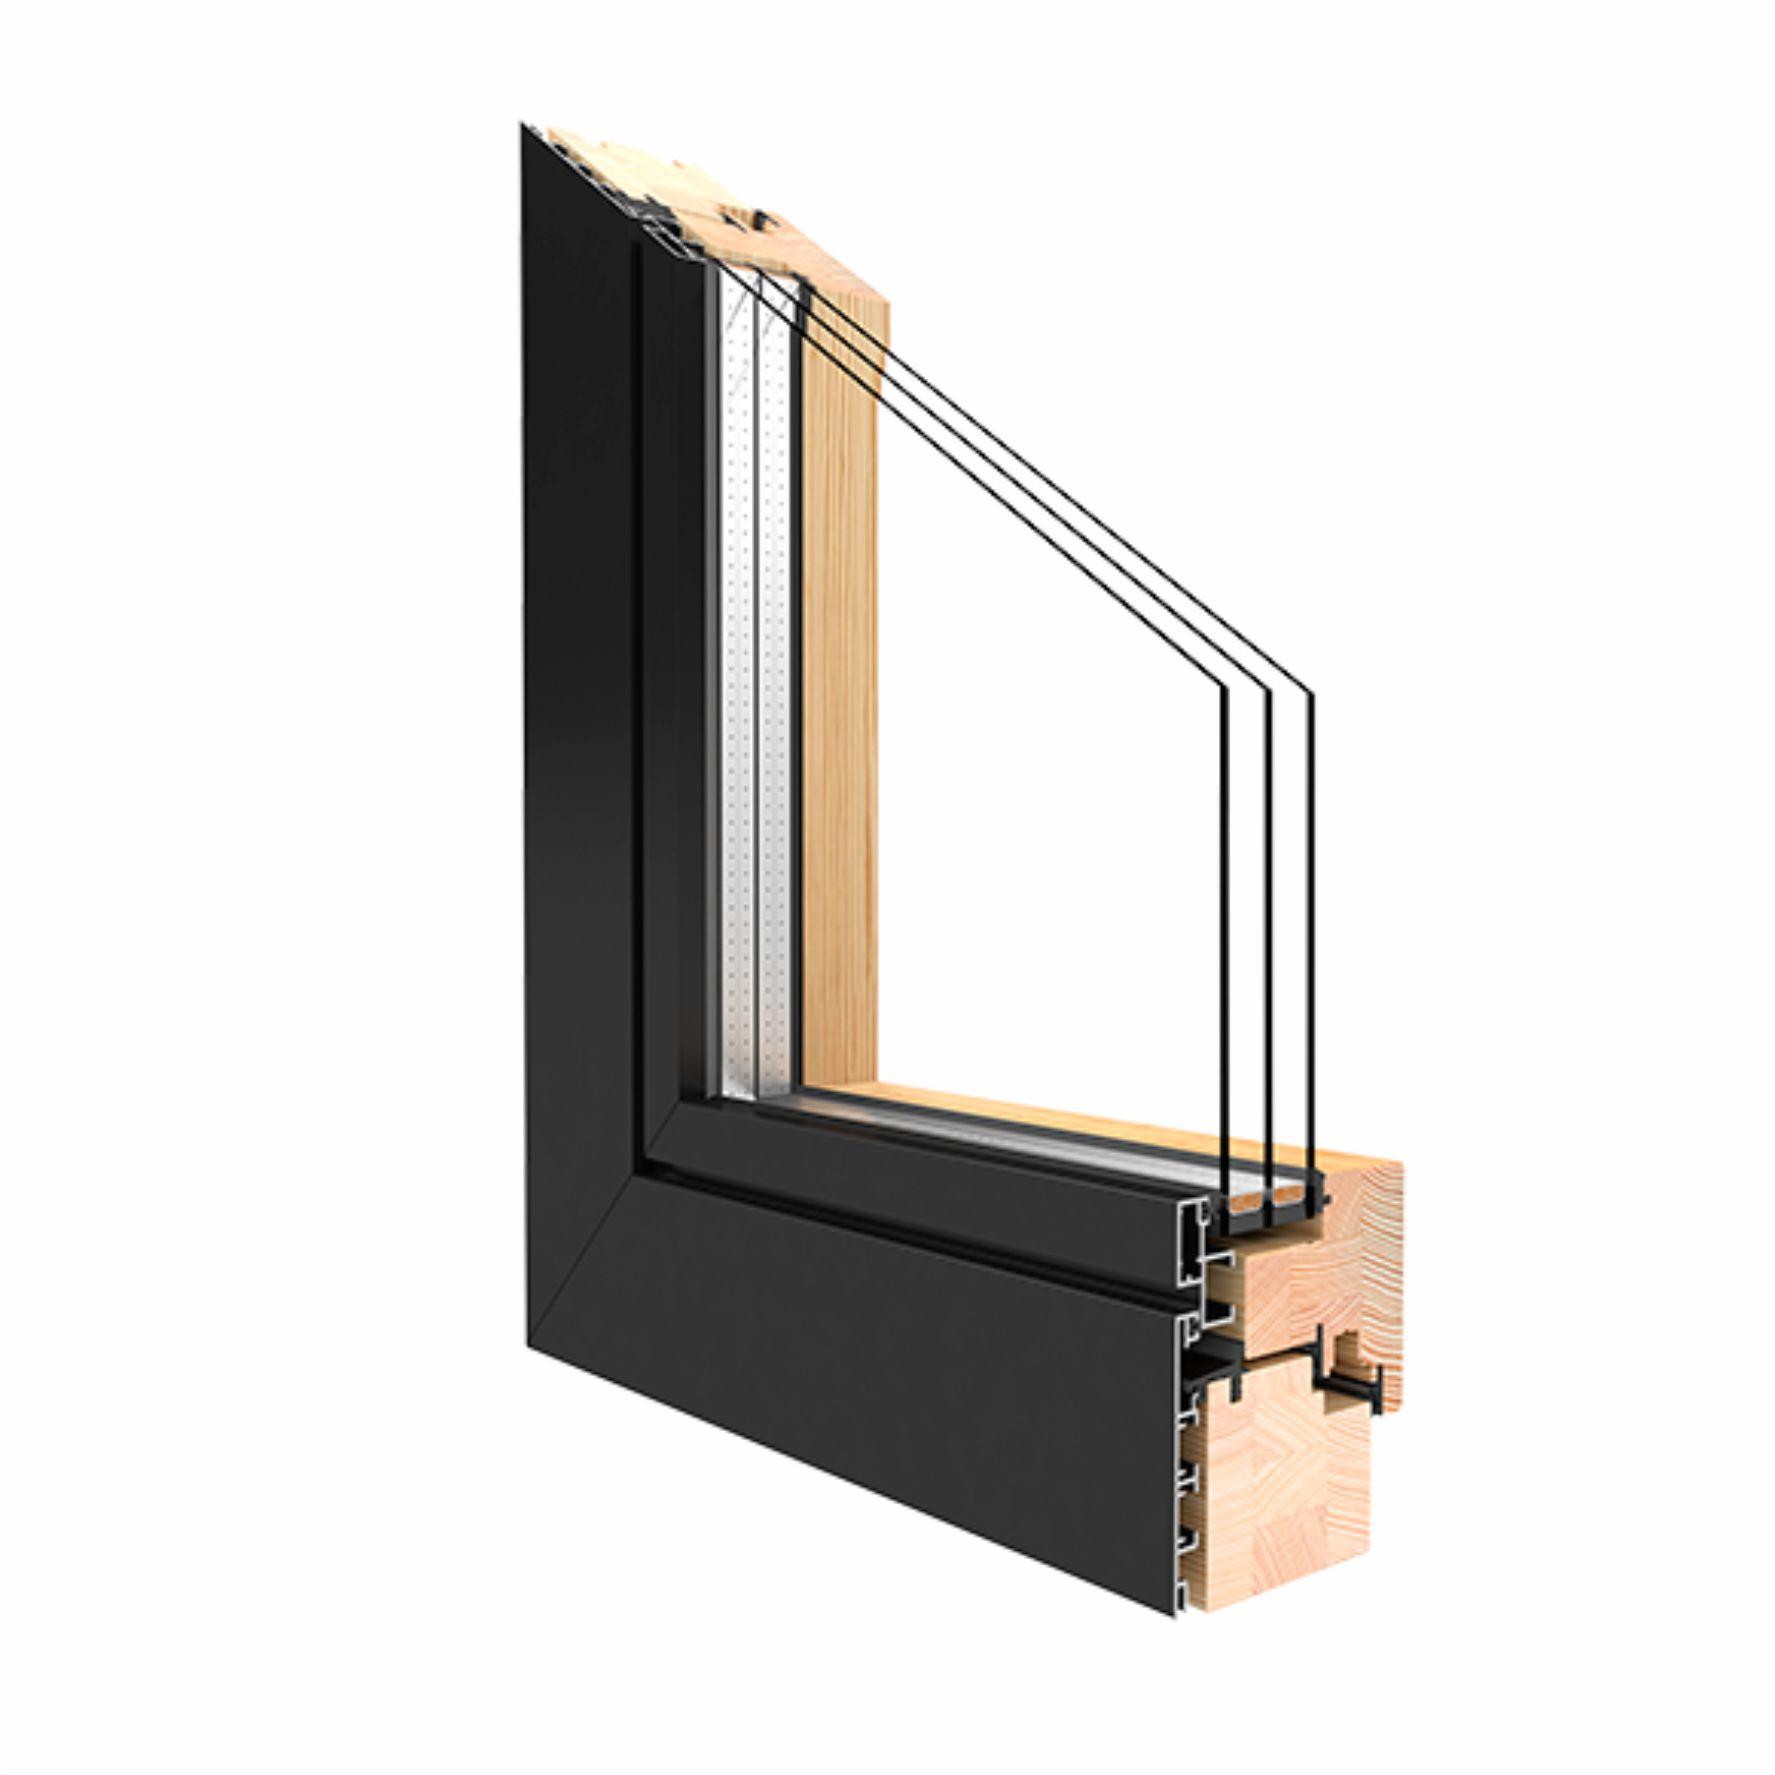 Full Size of Alu Fenster Holz Druteduoline 88 Kiefer Alle Gren Kunststoff Jalousie Innen Mit Lüftung Herne Dreifachverglasung Sichtschutzfolie Kbe Für Eingebauten Fenster Alu Fenster